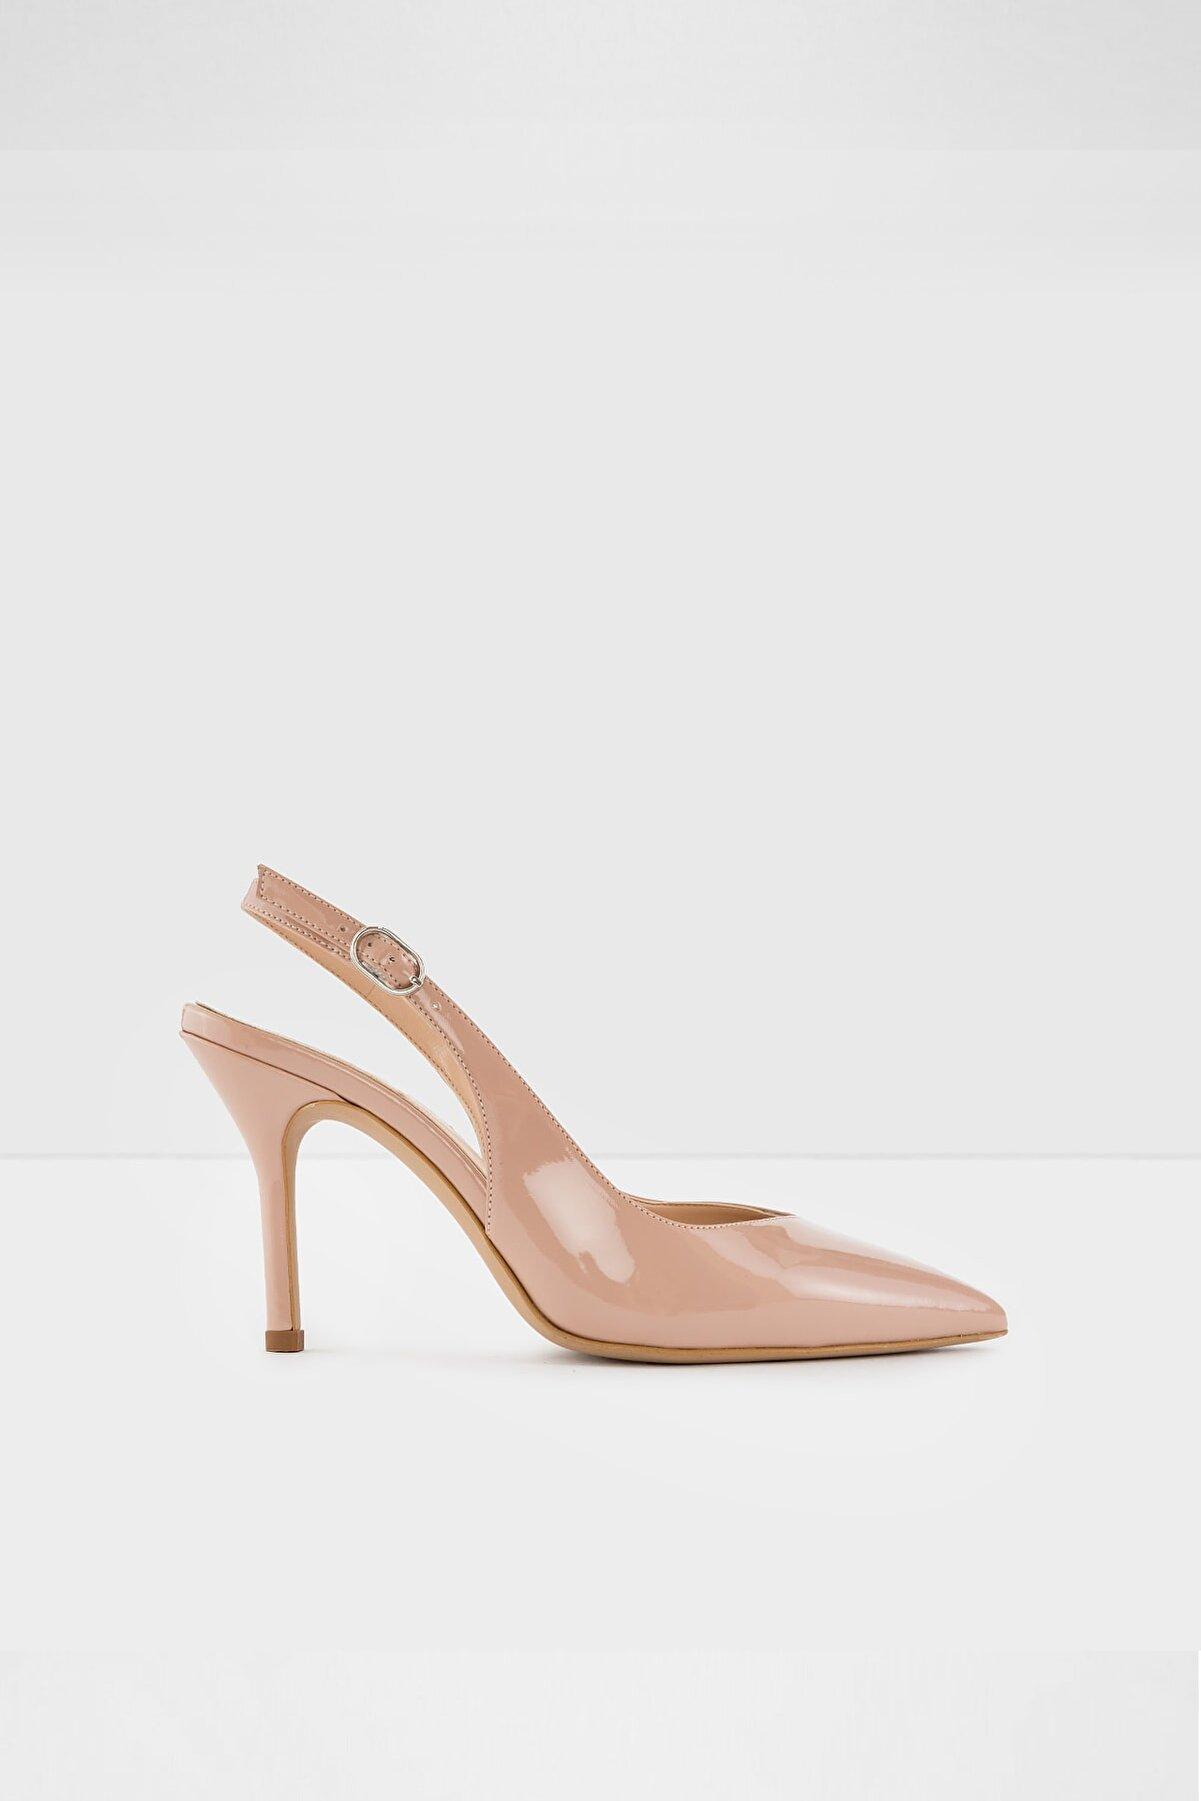 Aldo Kadın Pudra Topuklu Ayakkabı